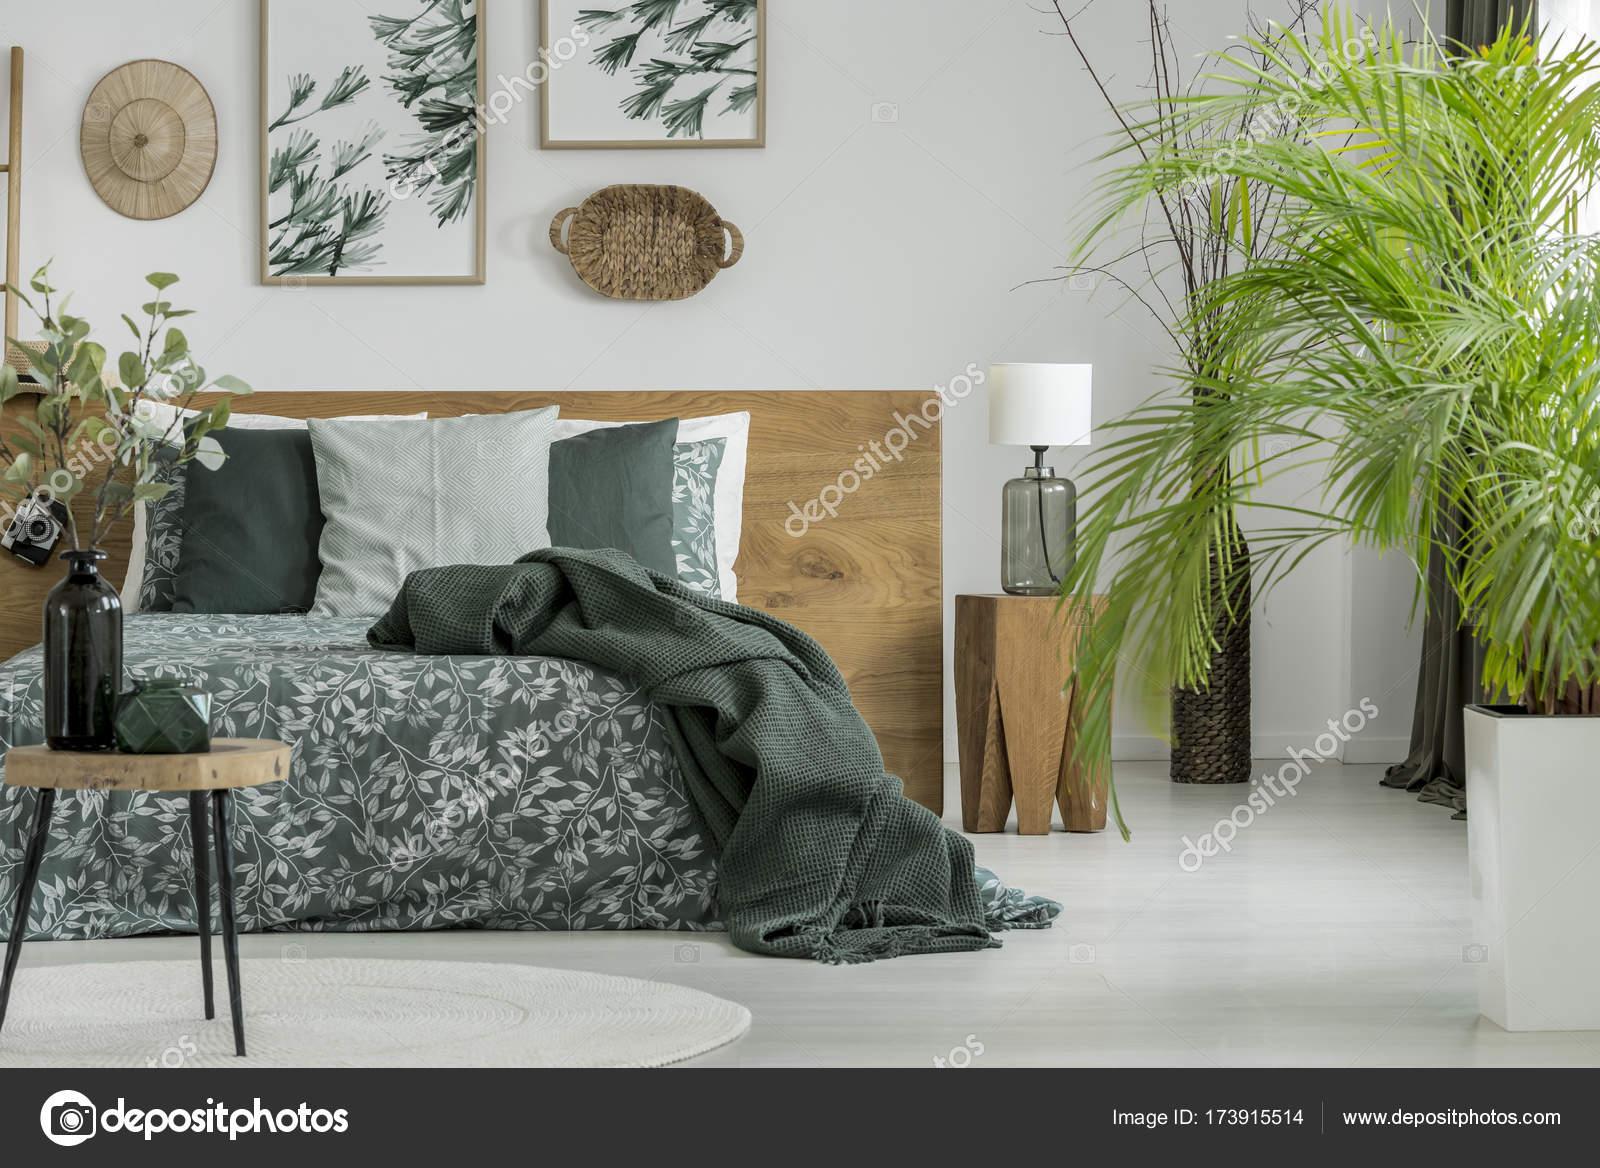 Tavolo e piante in camera da letto — Foto Stock © photographee.eu ...